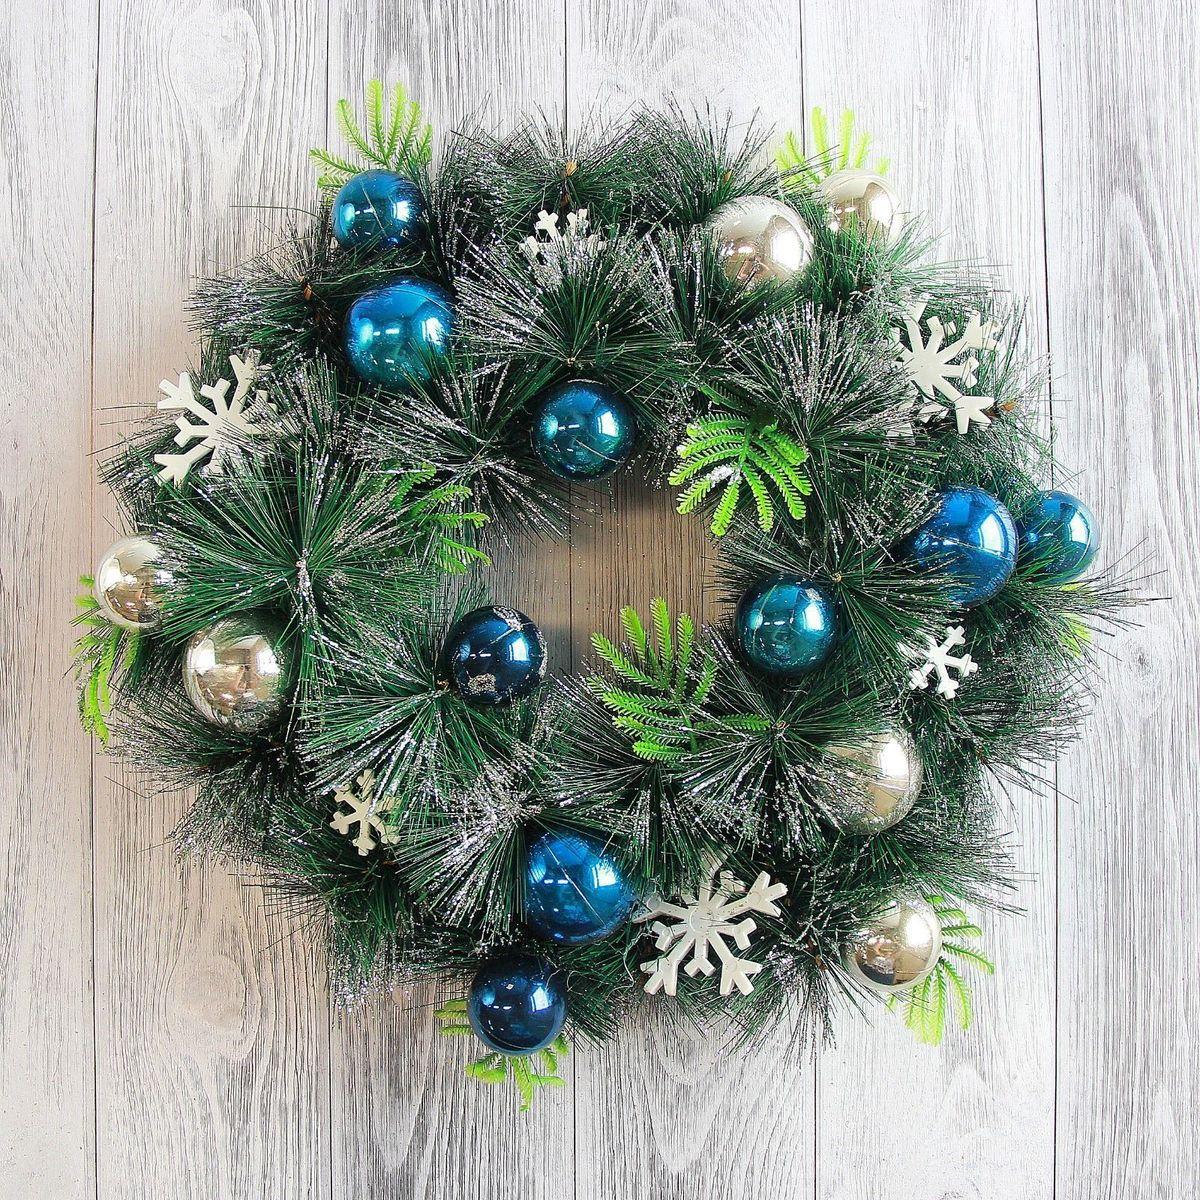 Венок новогодний Sima-land Со снежинками и шарами, диаметр 35 см2377998Невозможно представить нашу жизнь без праздников! Мы всегда ждём их и предвкушаем, обдумываем, как проведём памятный день, тщательно выбираем подарки и аксессуары, ведь именно они создают и поддерживают торжественный настрой. — это отличный выбор, который привнесёт атмосферу праздника в ваш дом!